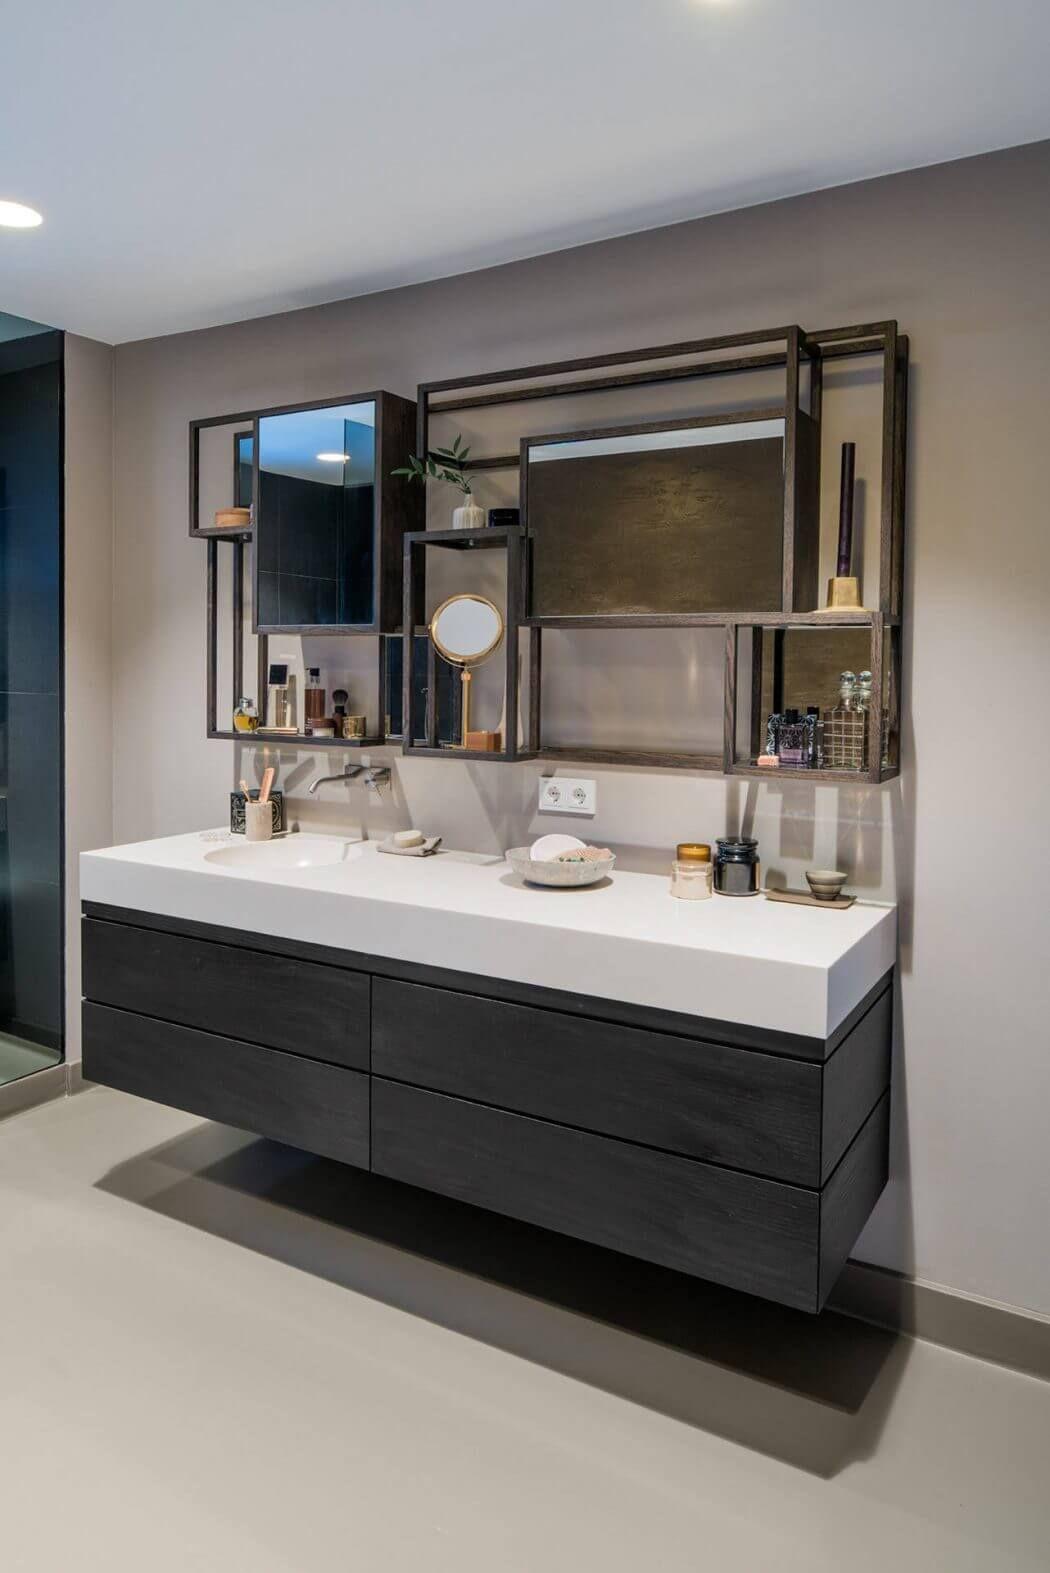 1 zimmer wohnung einrichten - 13 apartments als inspiration ... - Industrieller Schick Design Dachwohnung